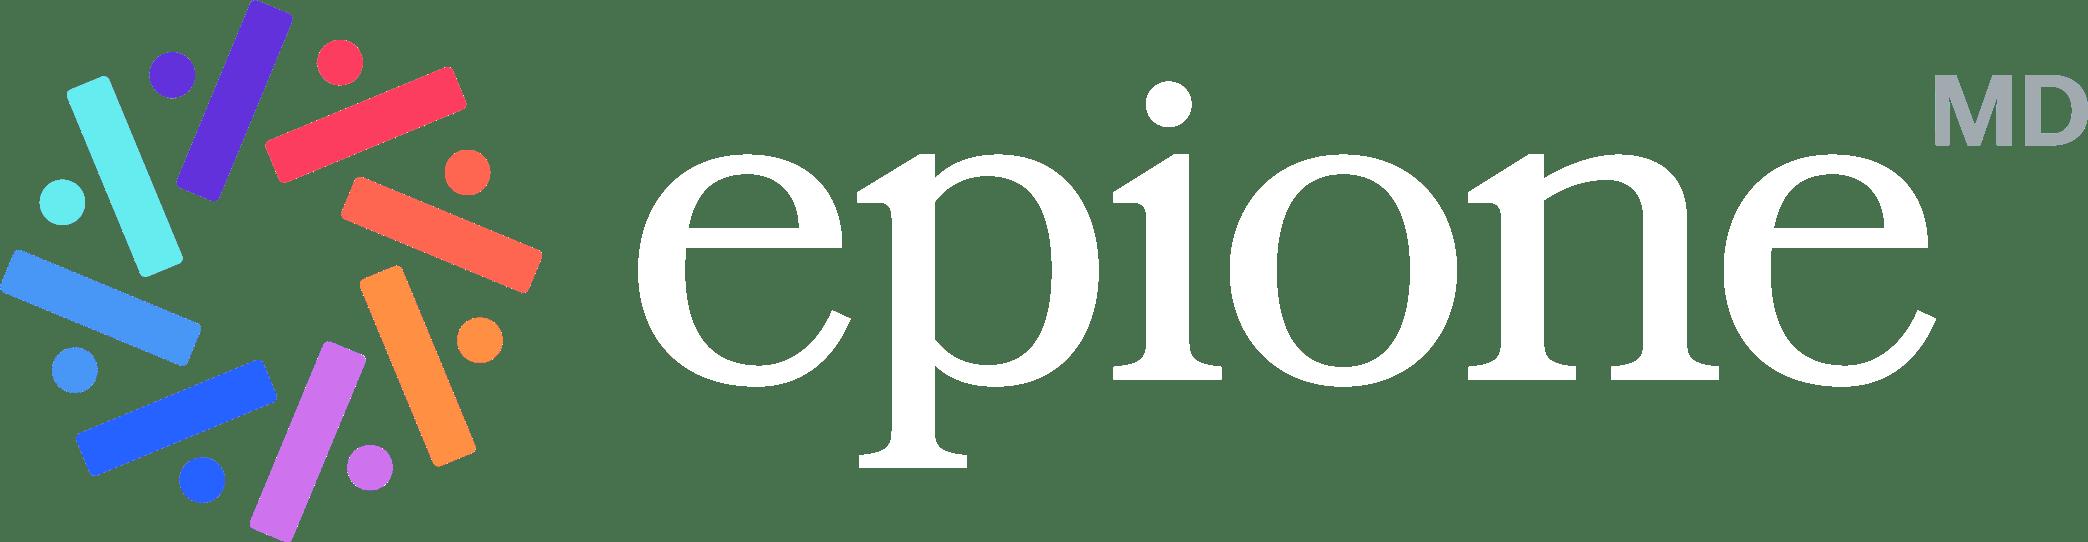 EpioneMD